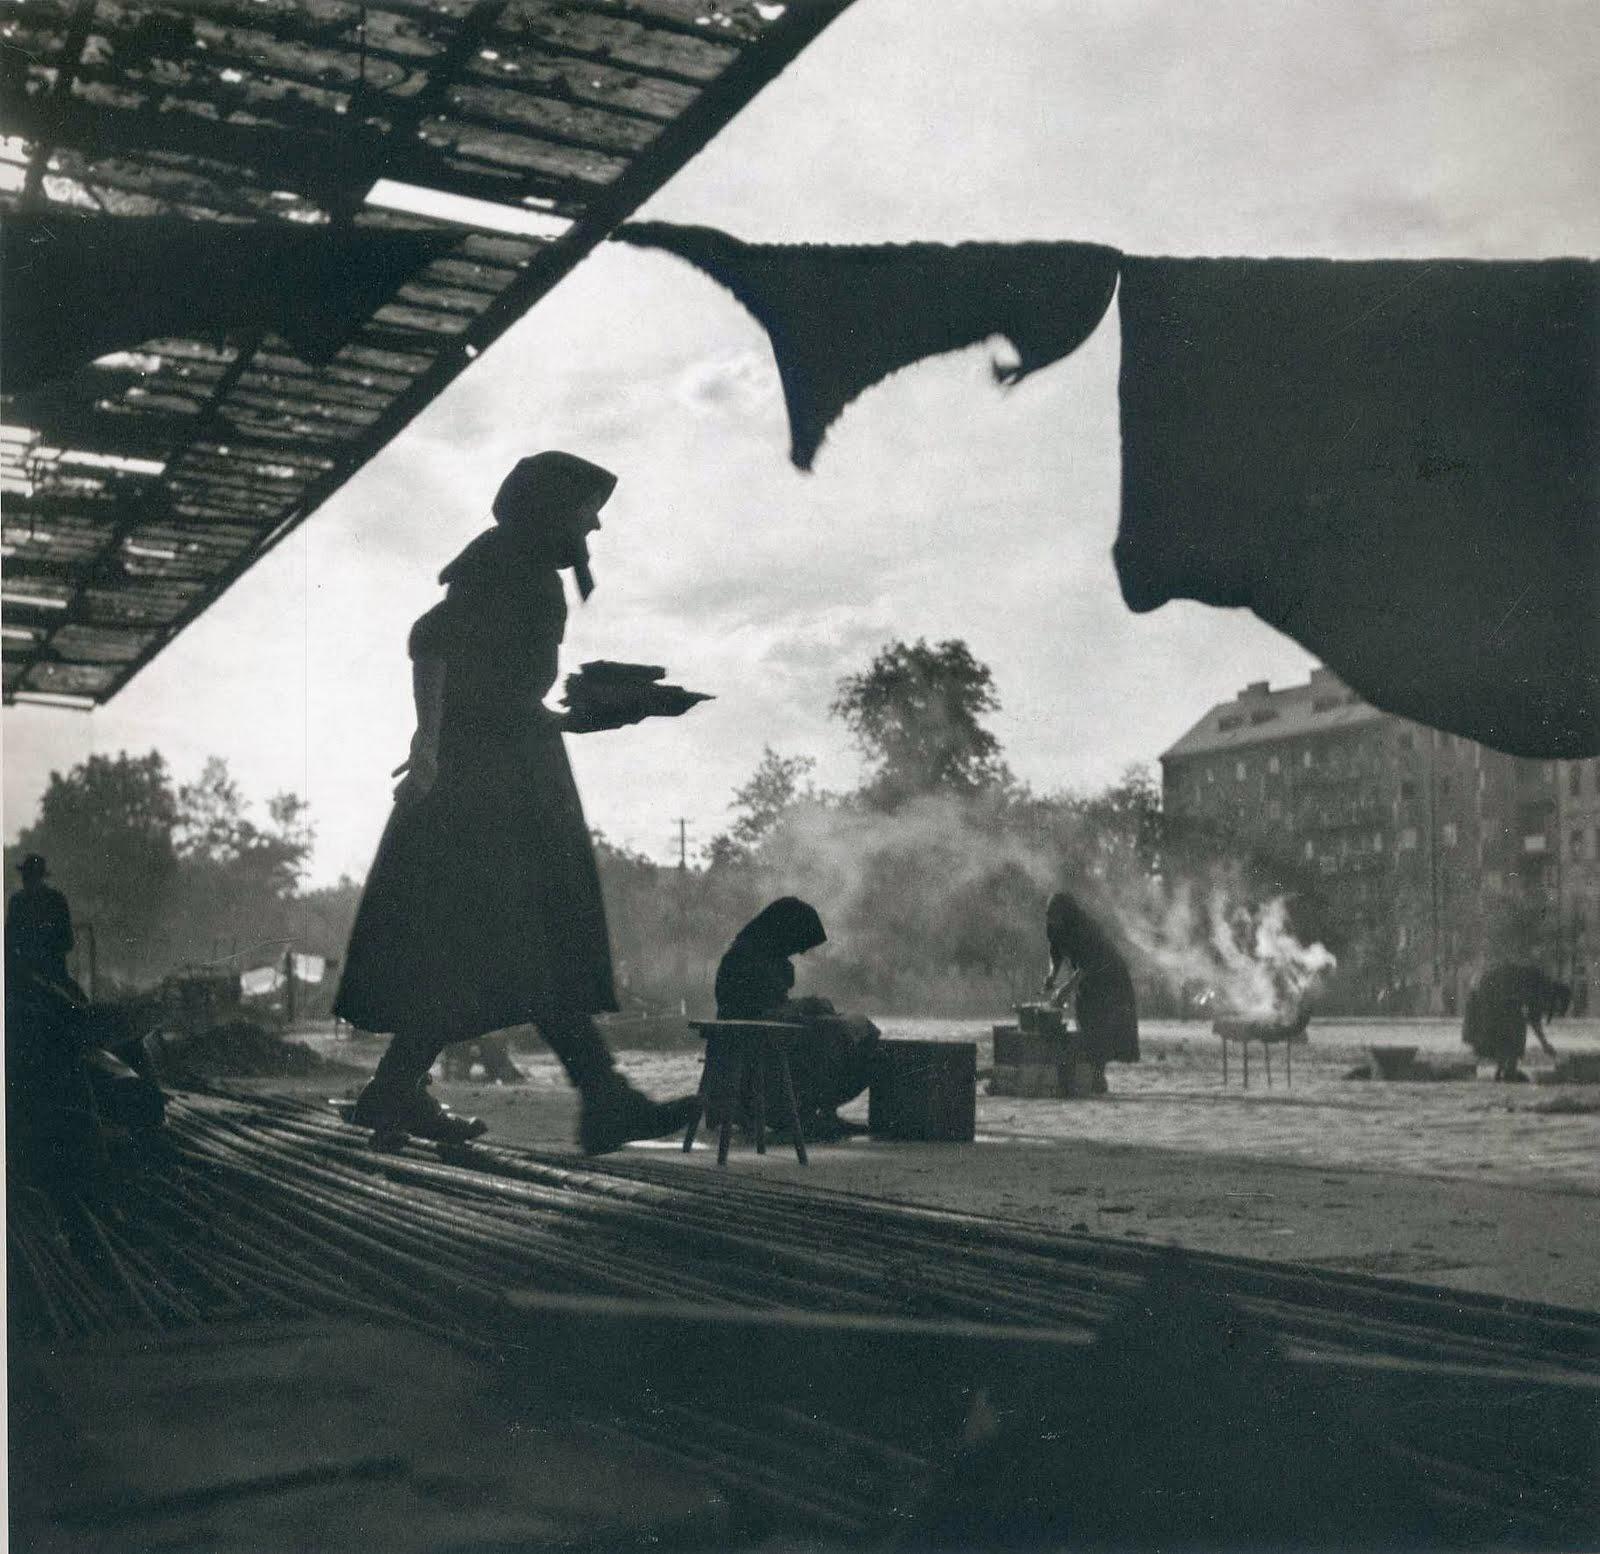 Пионер цветной фотографии Эрнст Хаас